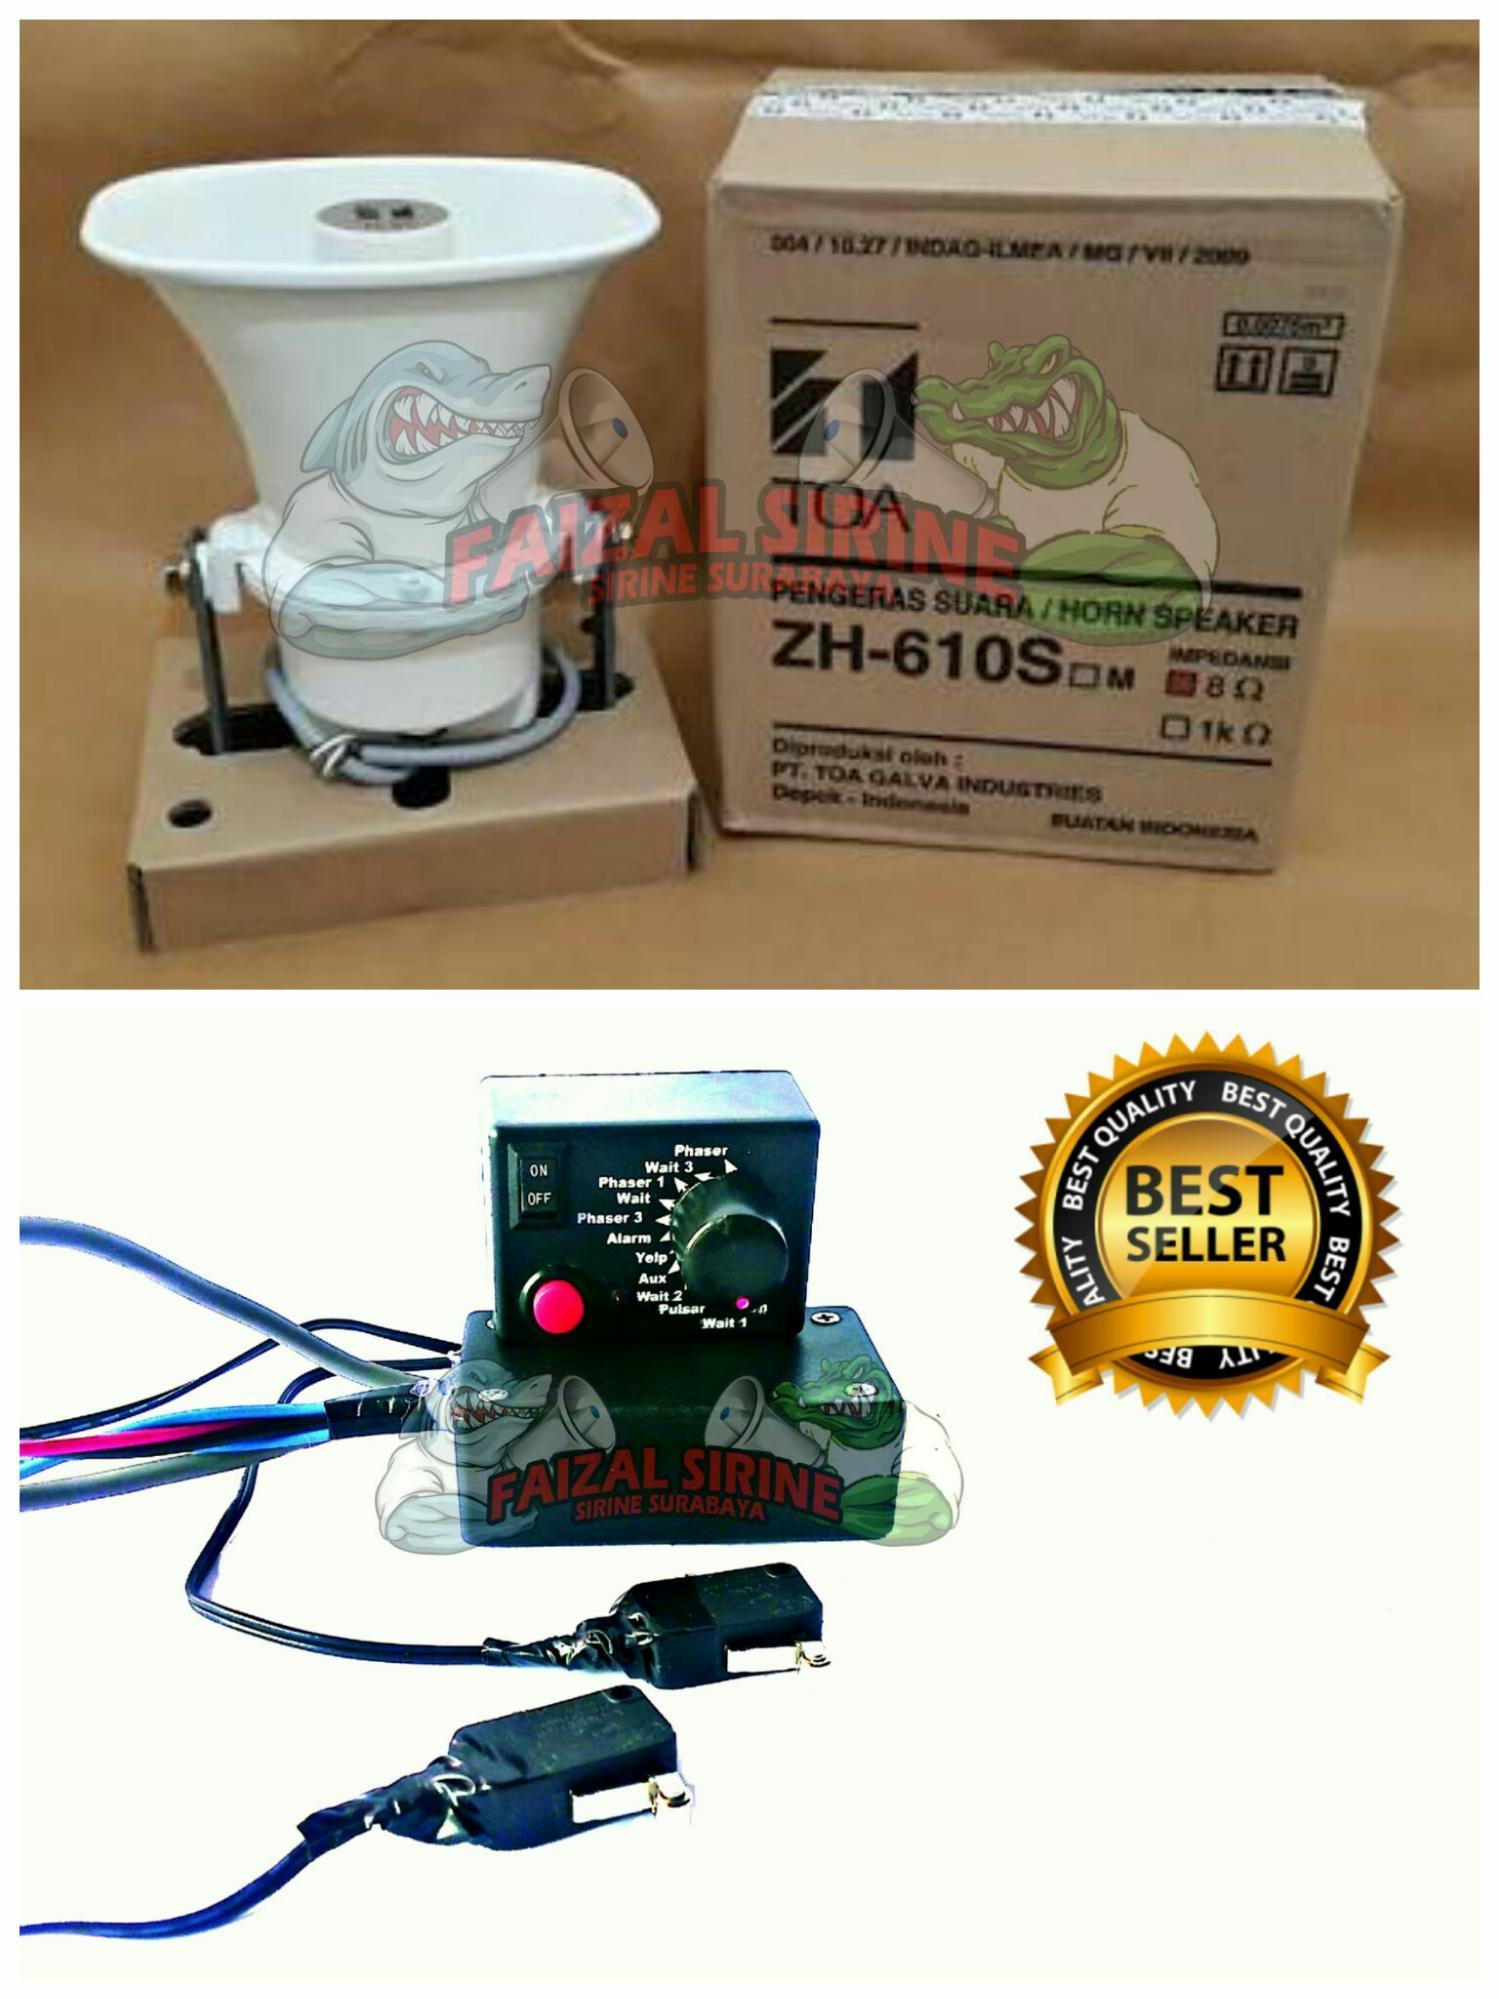 Jual Produk Klakson Online Terbaru Di Kapal Paket Modul Sirine 12 Suara Horn Speaker Toa Zh 610s